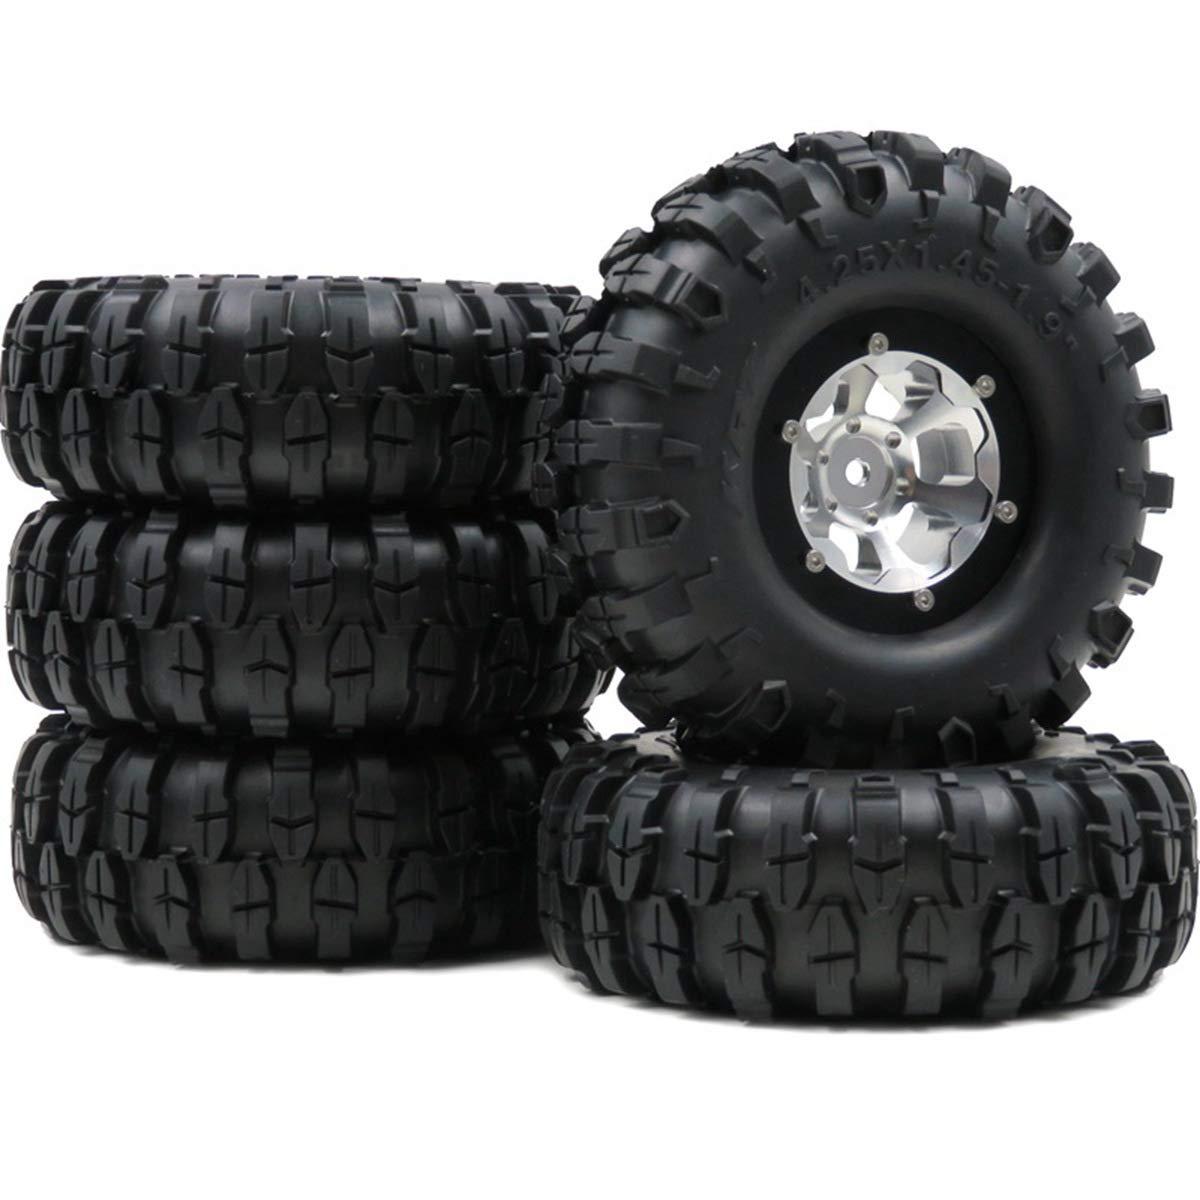 hobbysoul 5ピース RC 1.9 クローラータイヤ 5ピース 108mm & & 1.9インチ 108mm アルミ ビーズロックホイール リムRC4WD Axial B07JJ2KXVC, 豊後高田市:2da4793c --- 2chmatome2.site